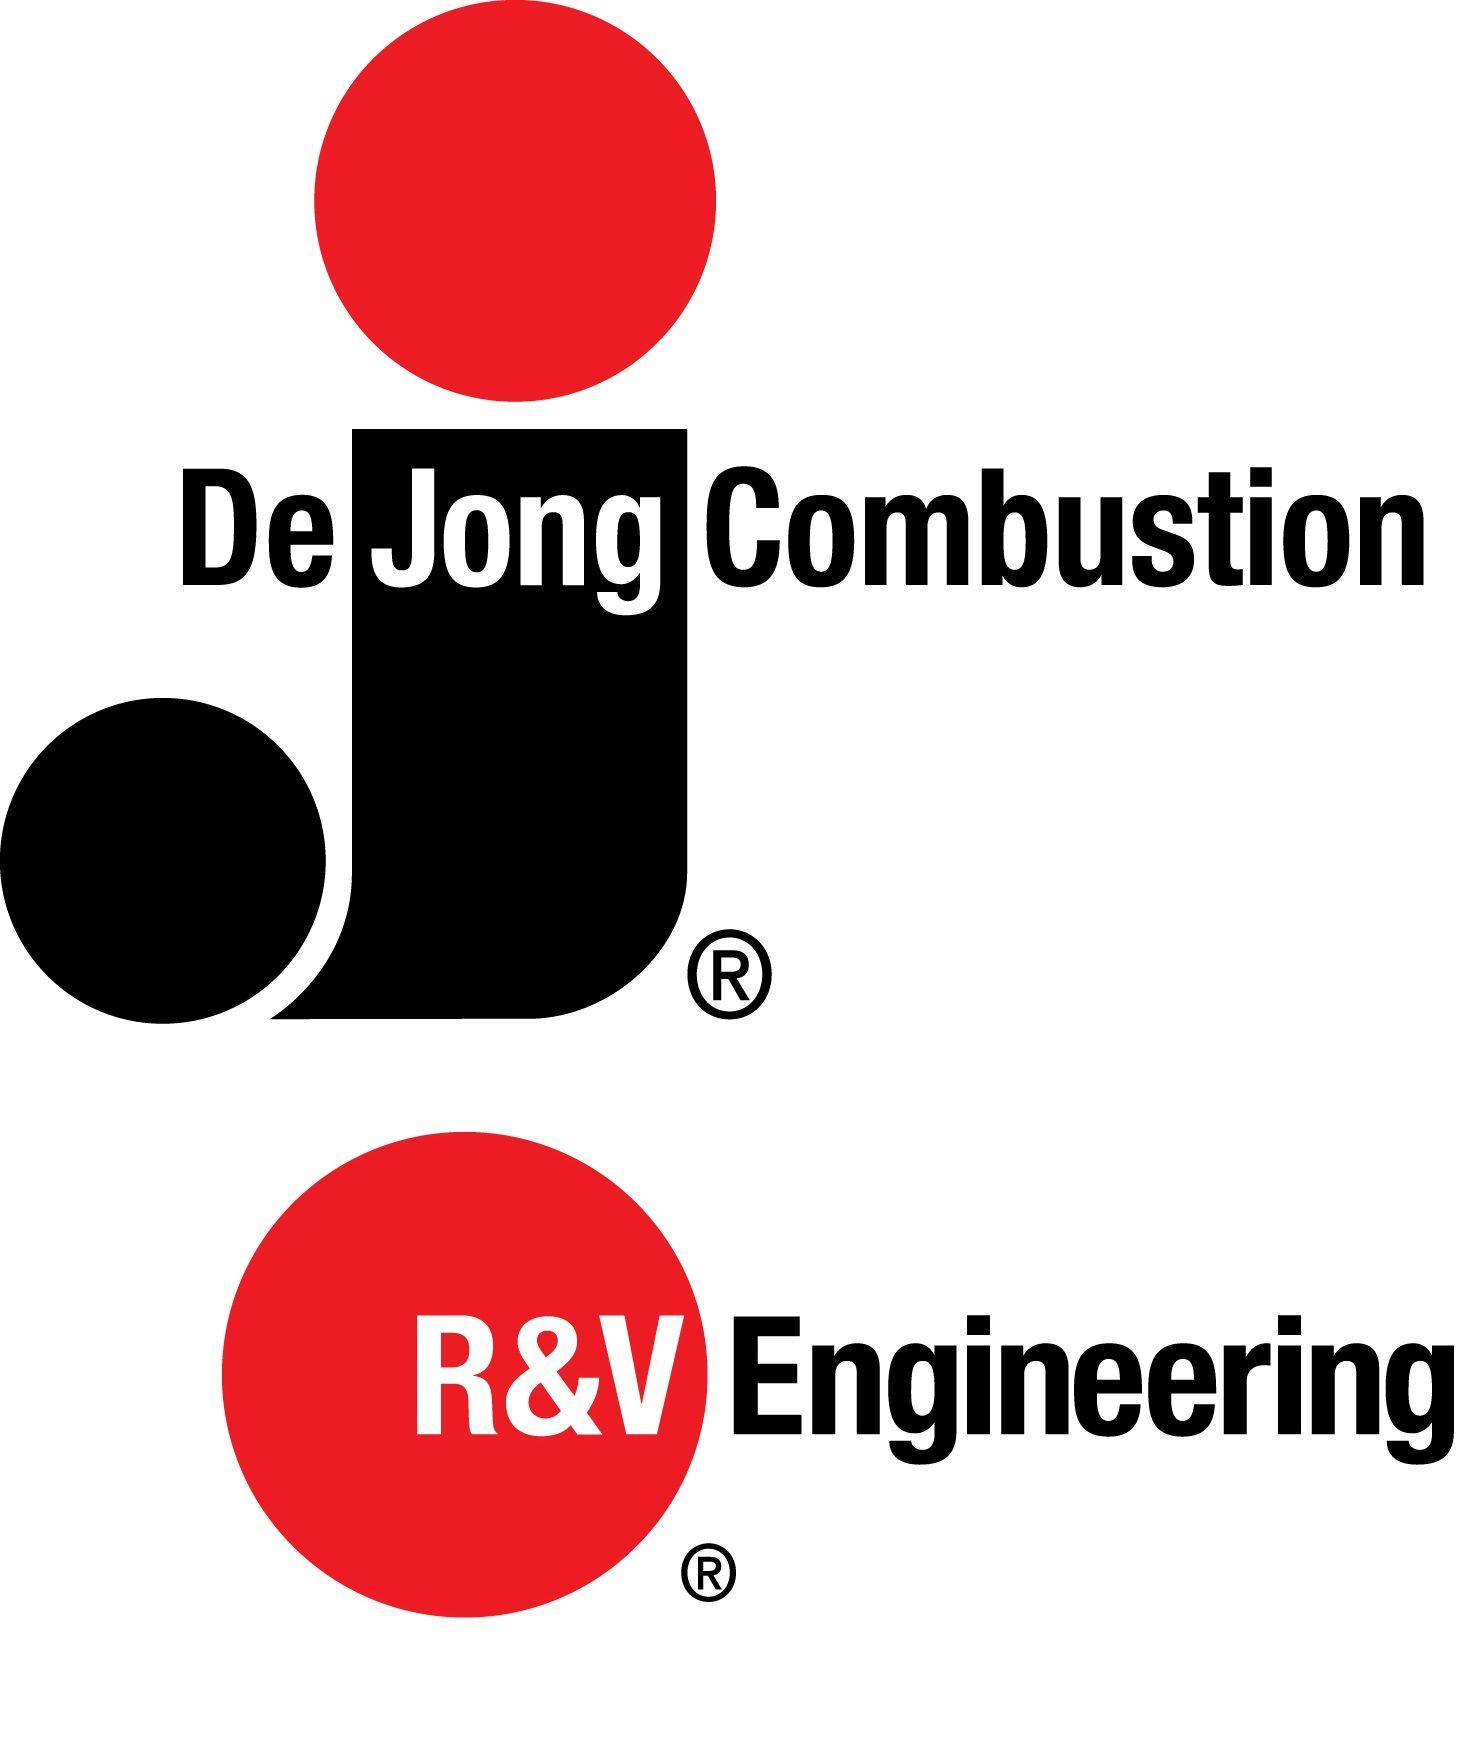 De Jong Combustion / R&V Engineering